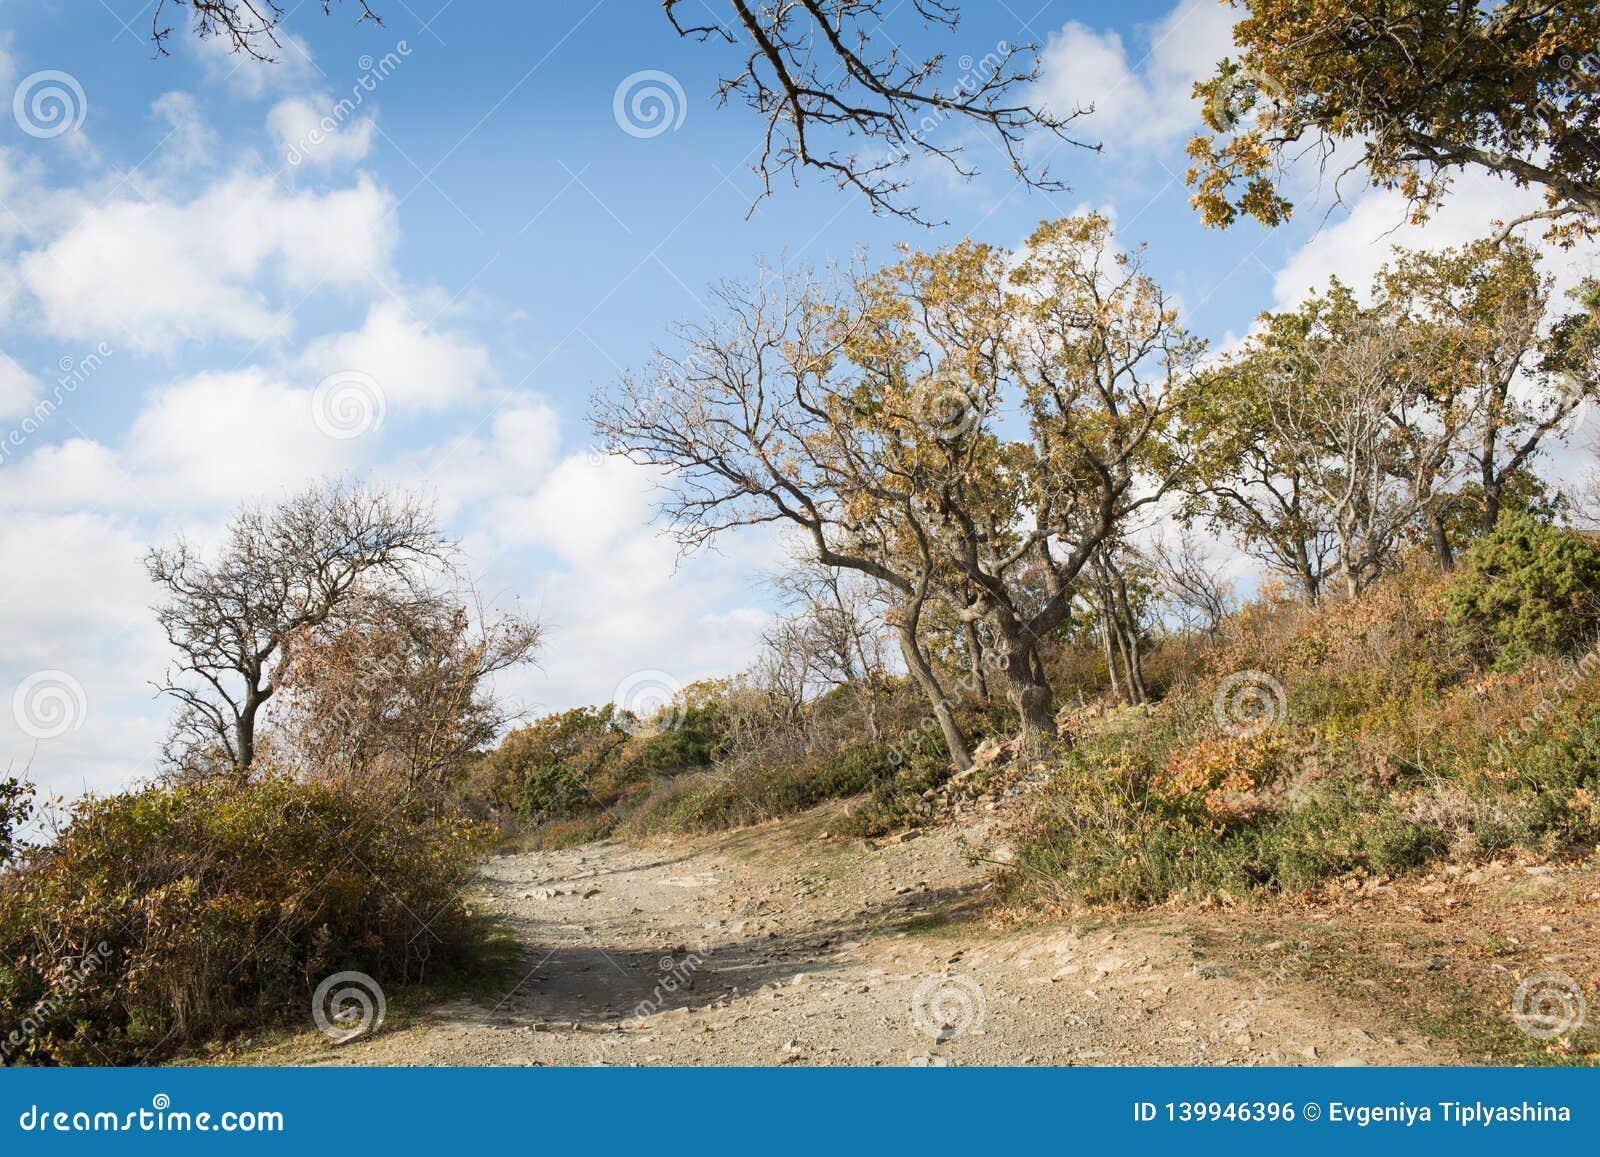 Small Utrish, Caucasus, Russia